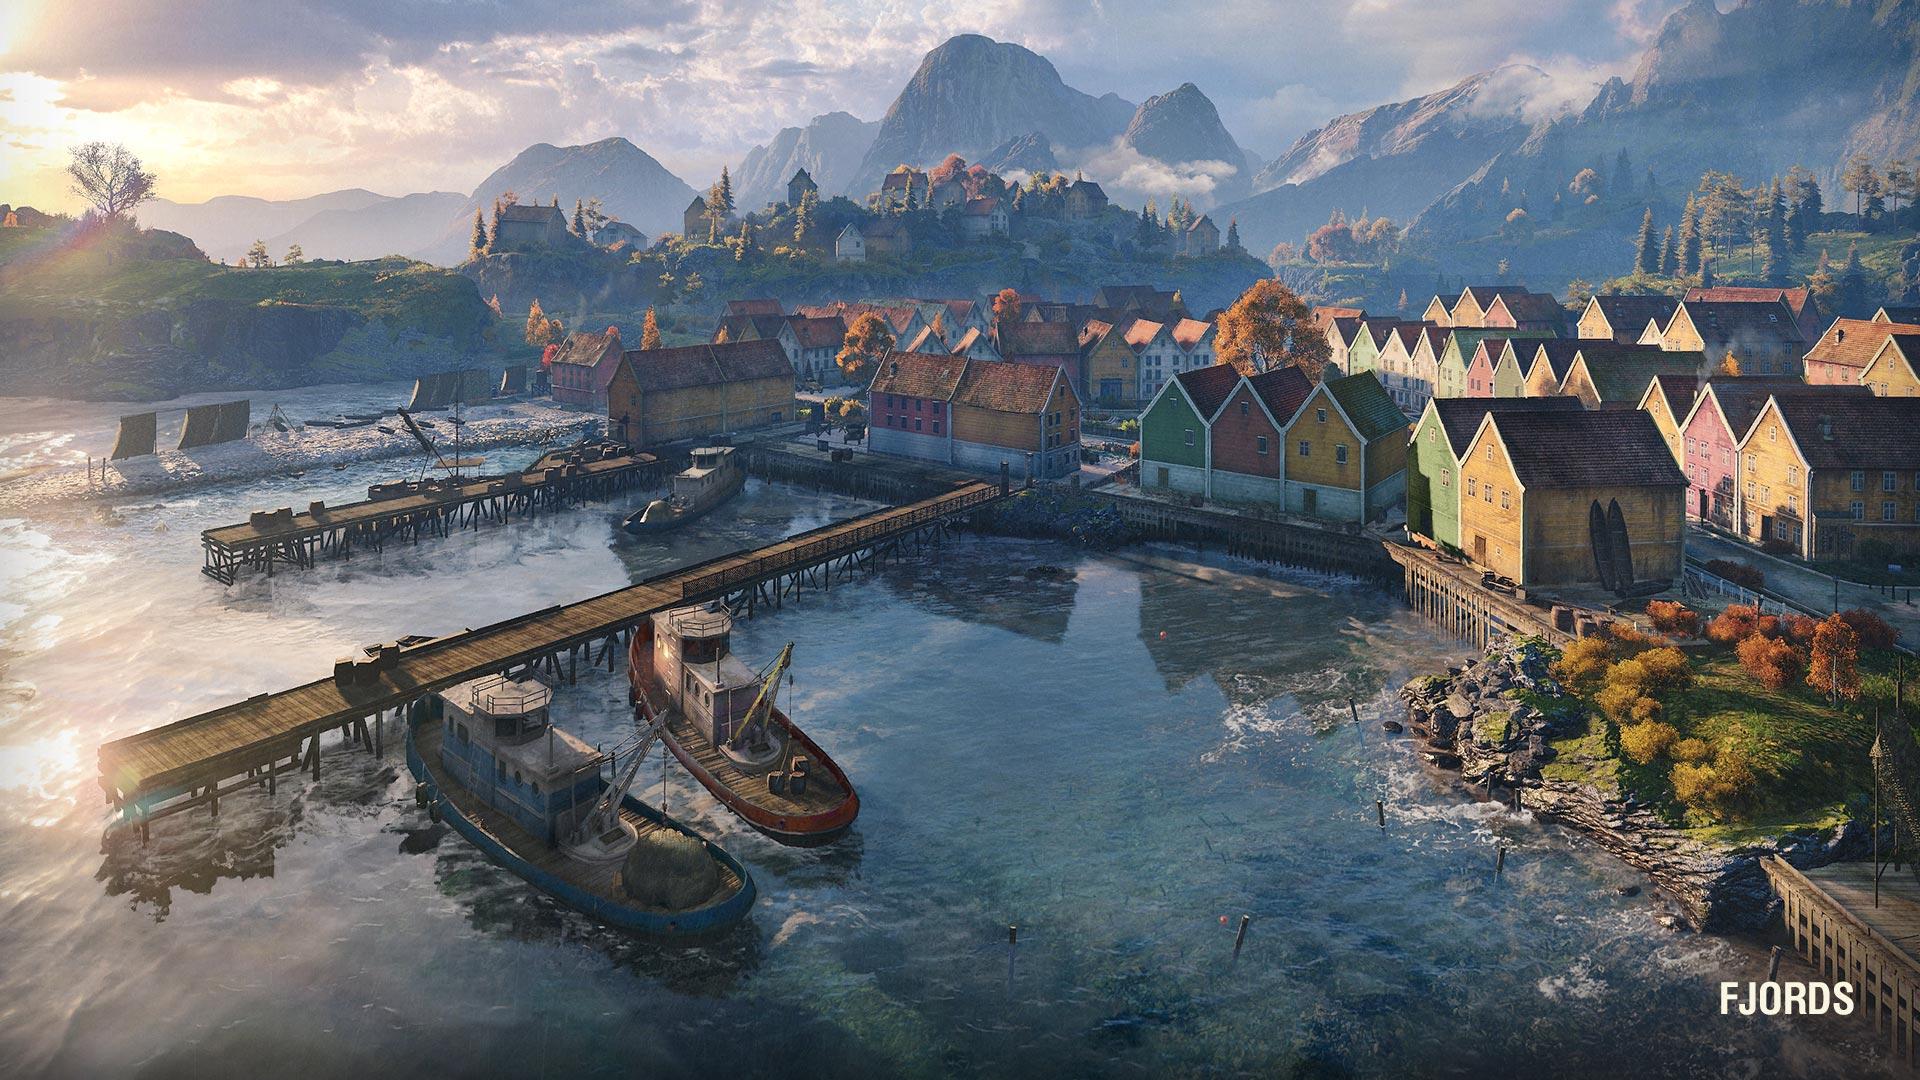 33_fjord_test_1920x1080_en_frFUROM